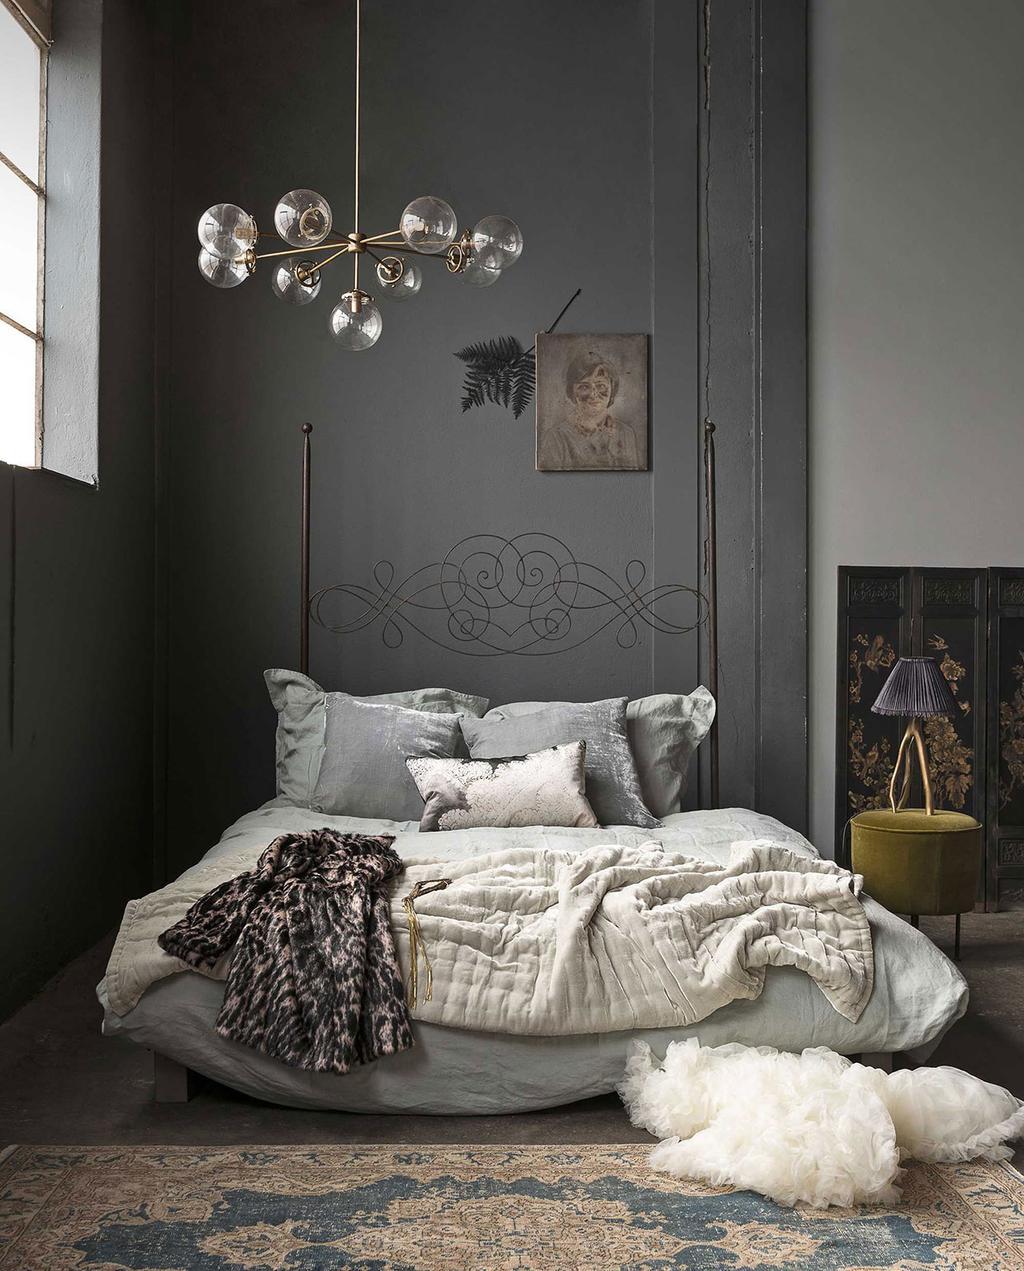 vtwonen 13-2017 | een slaapkamer met romantisch interieur grijs opgemaakt bed met linnendekbed en vloerkleed